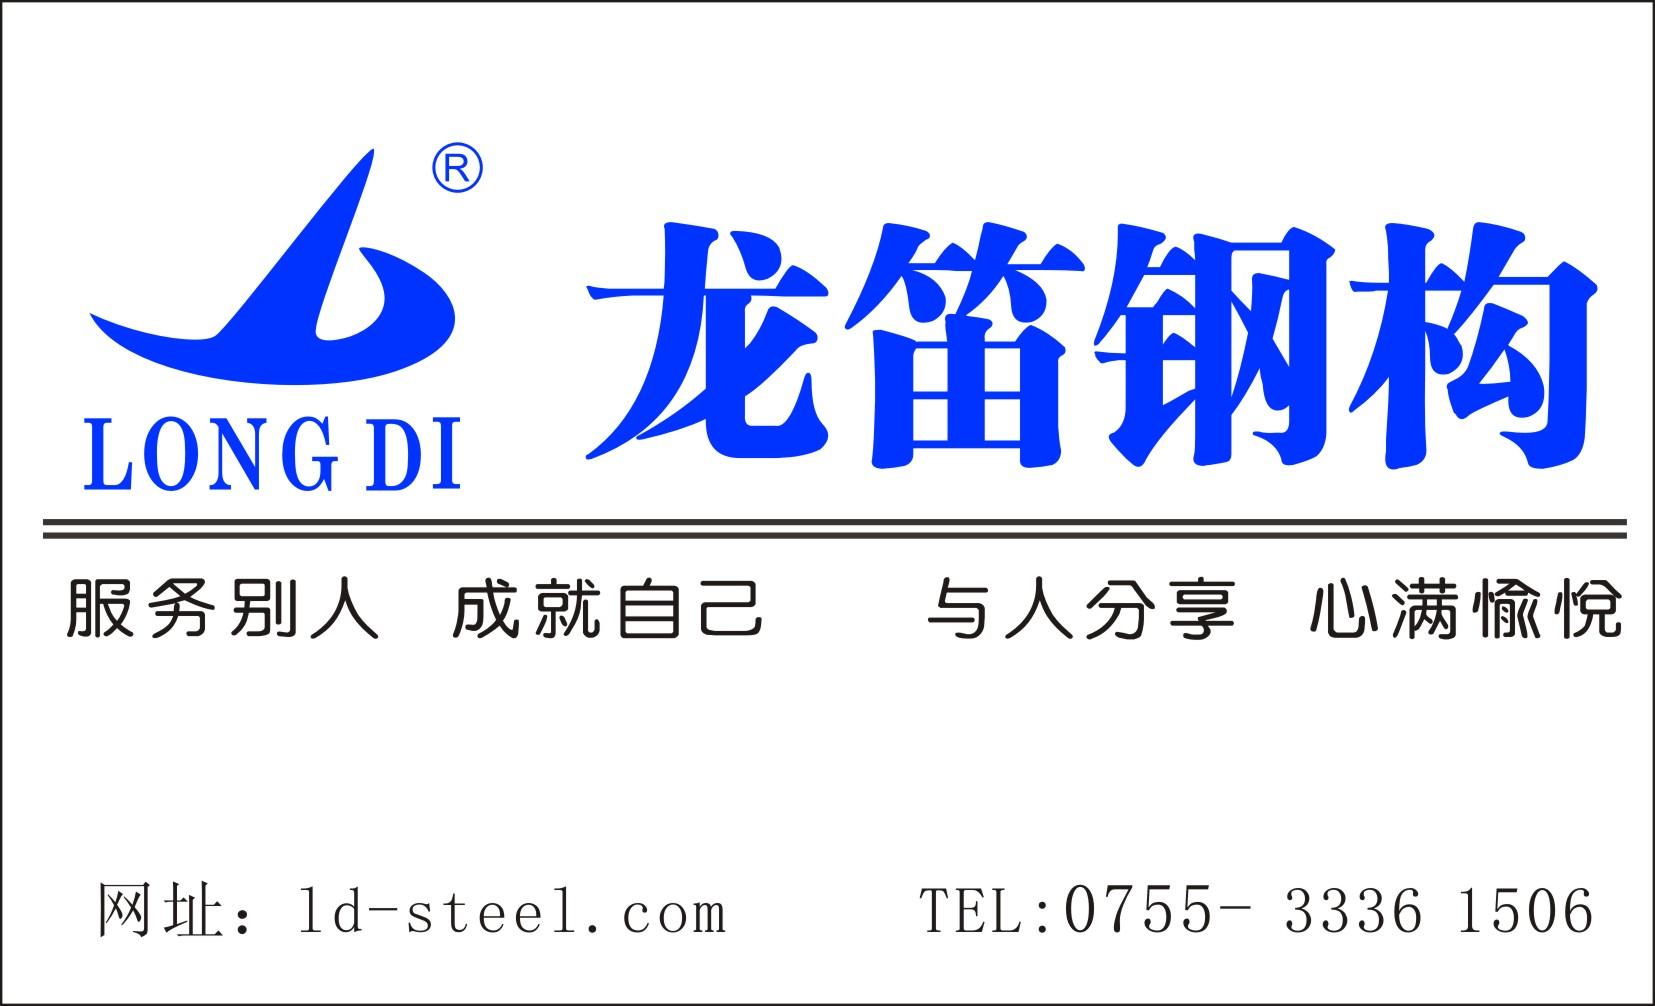 深圳市龙笛钢结构工程有限公司创立于2000年,是一家从事轻钢结构,阳台